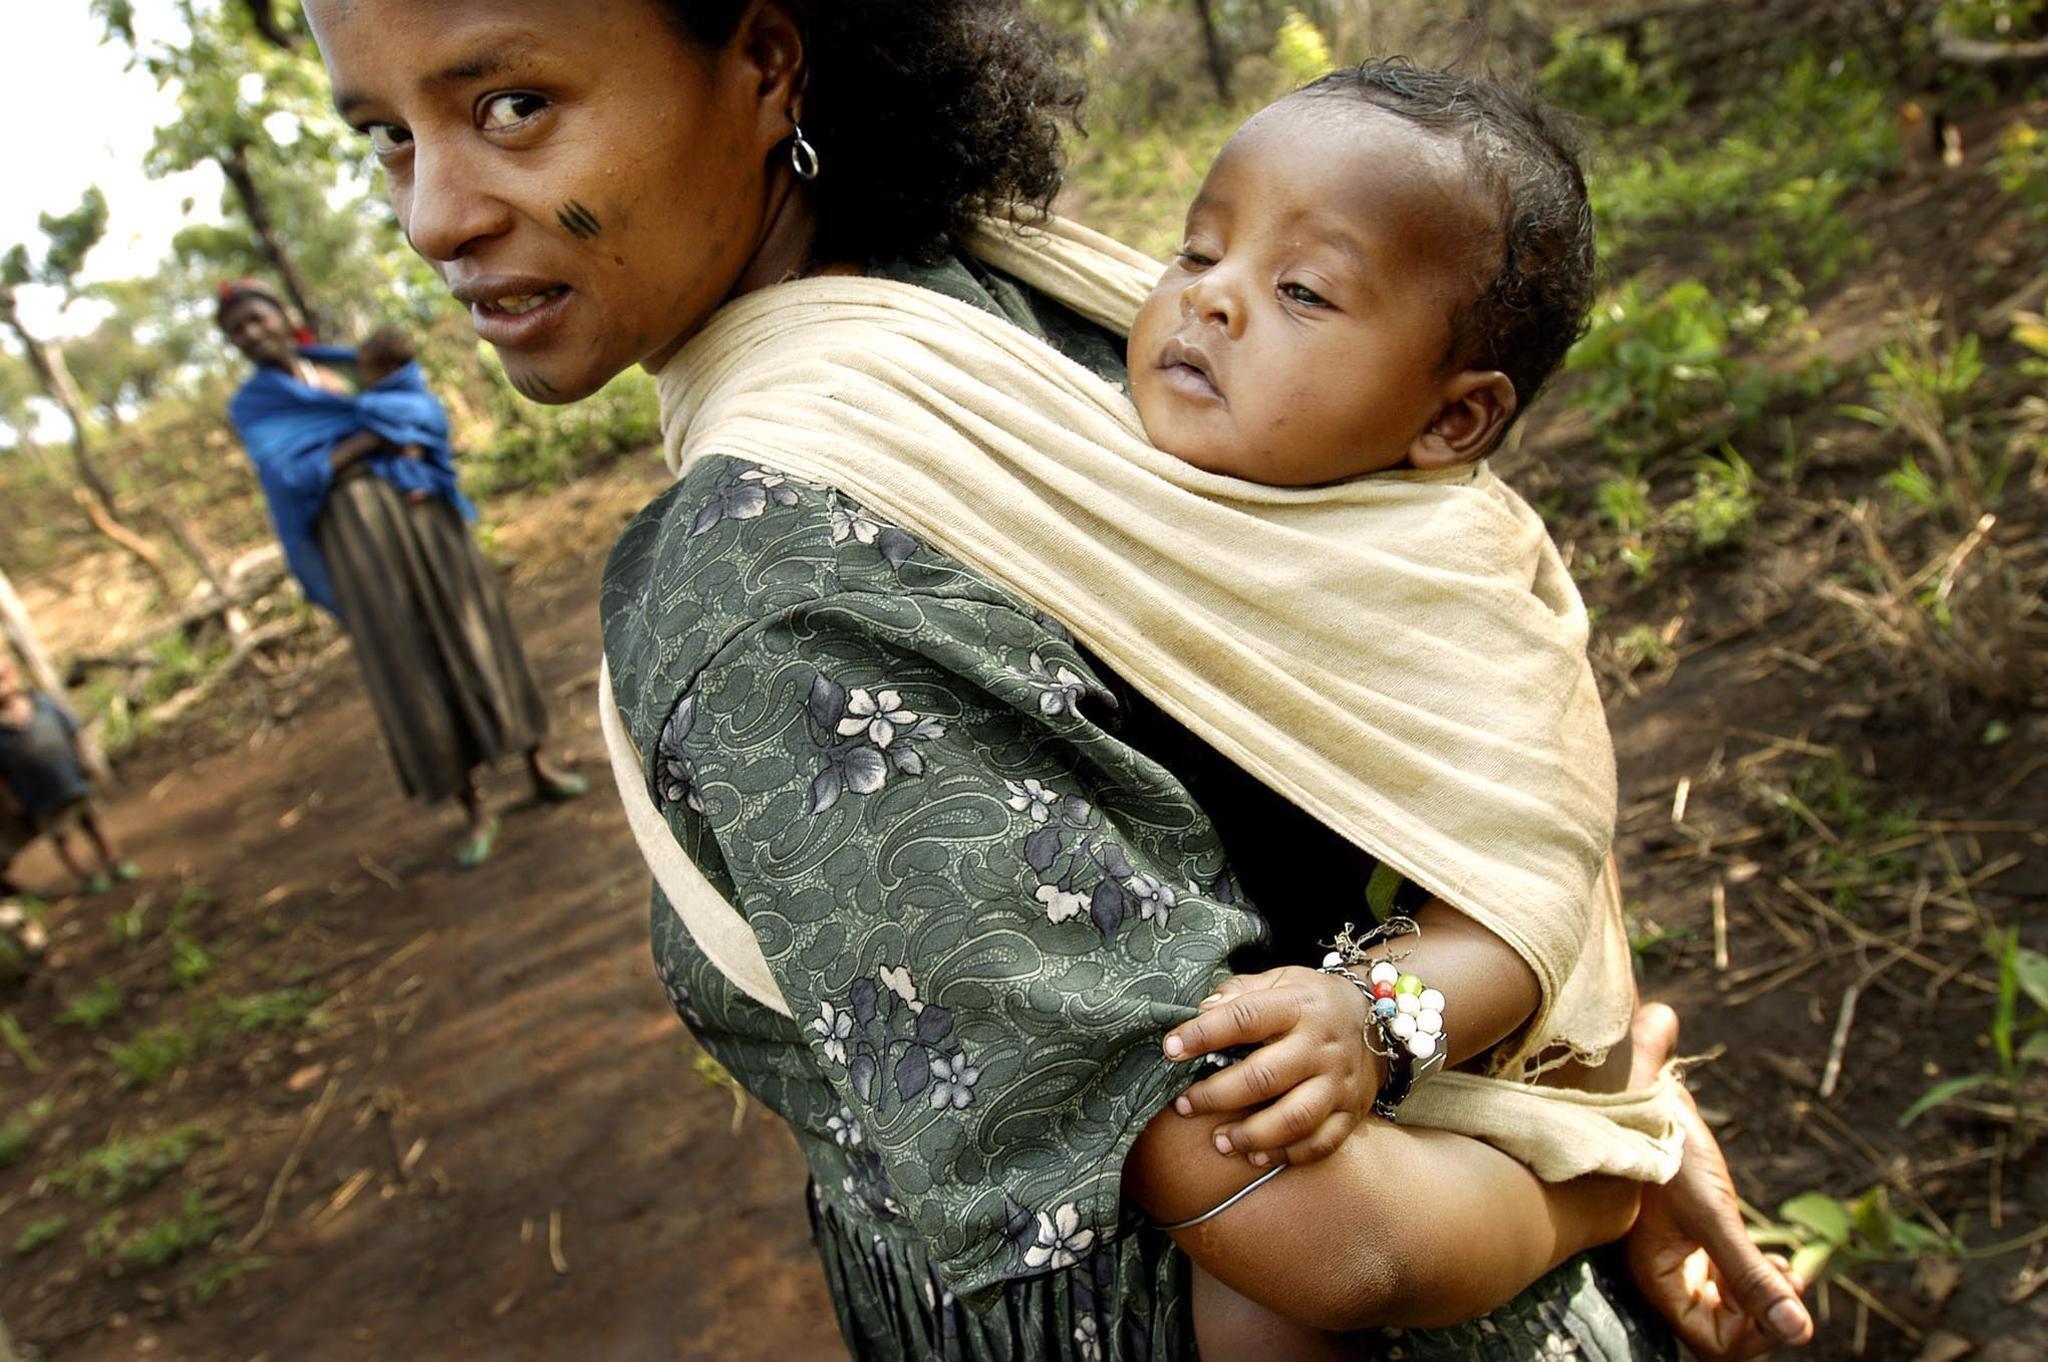 Une femme éthiopienne et son enfant dans la région rurale oromo.